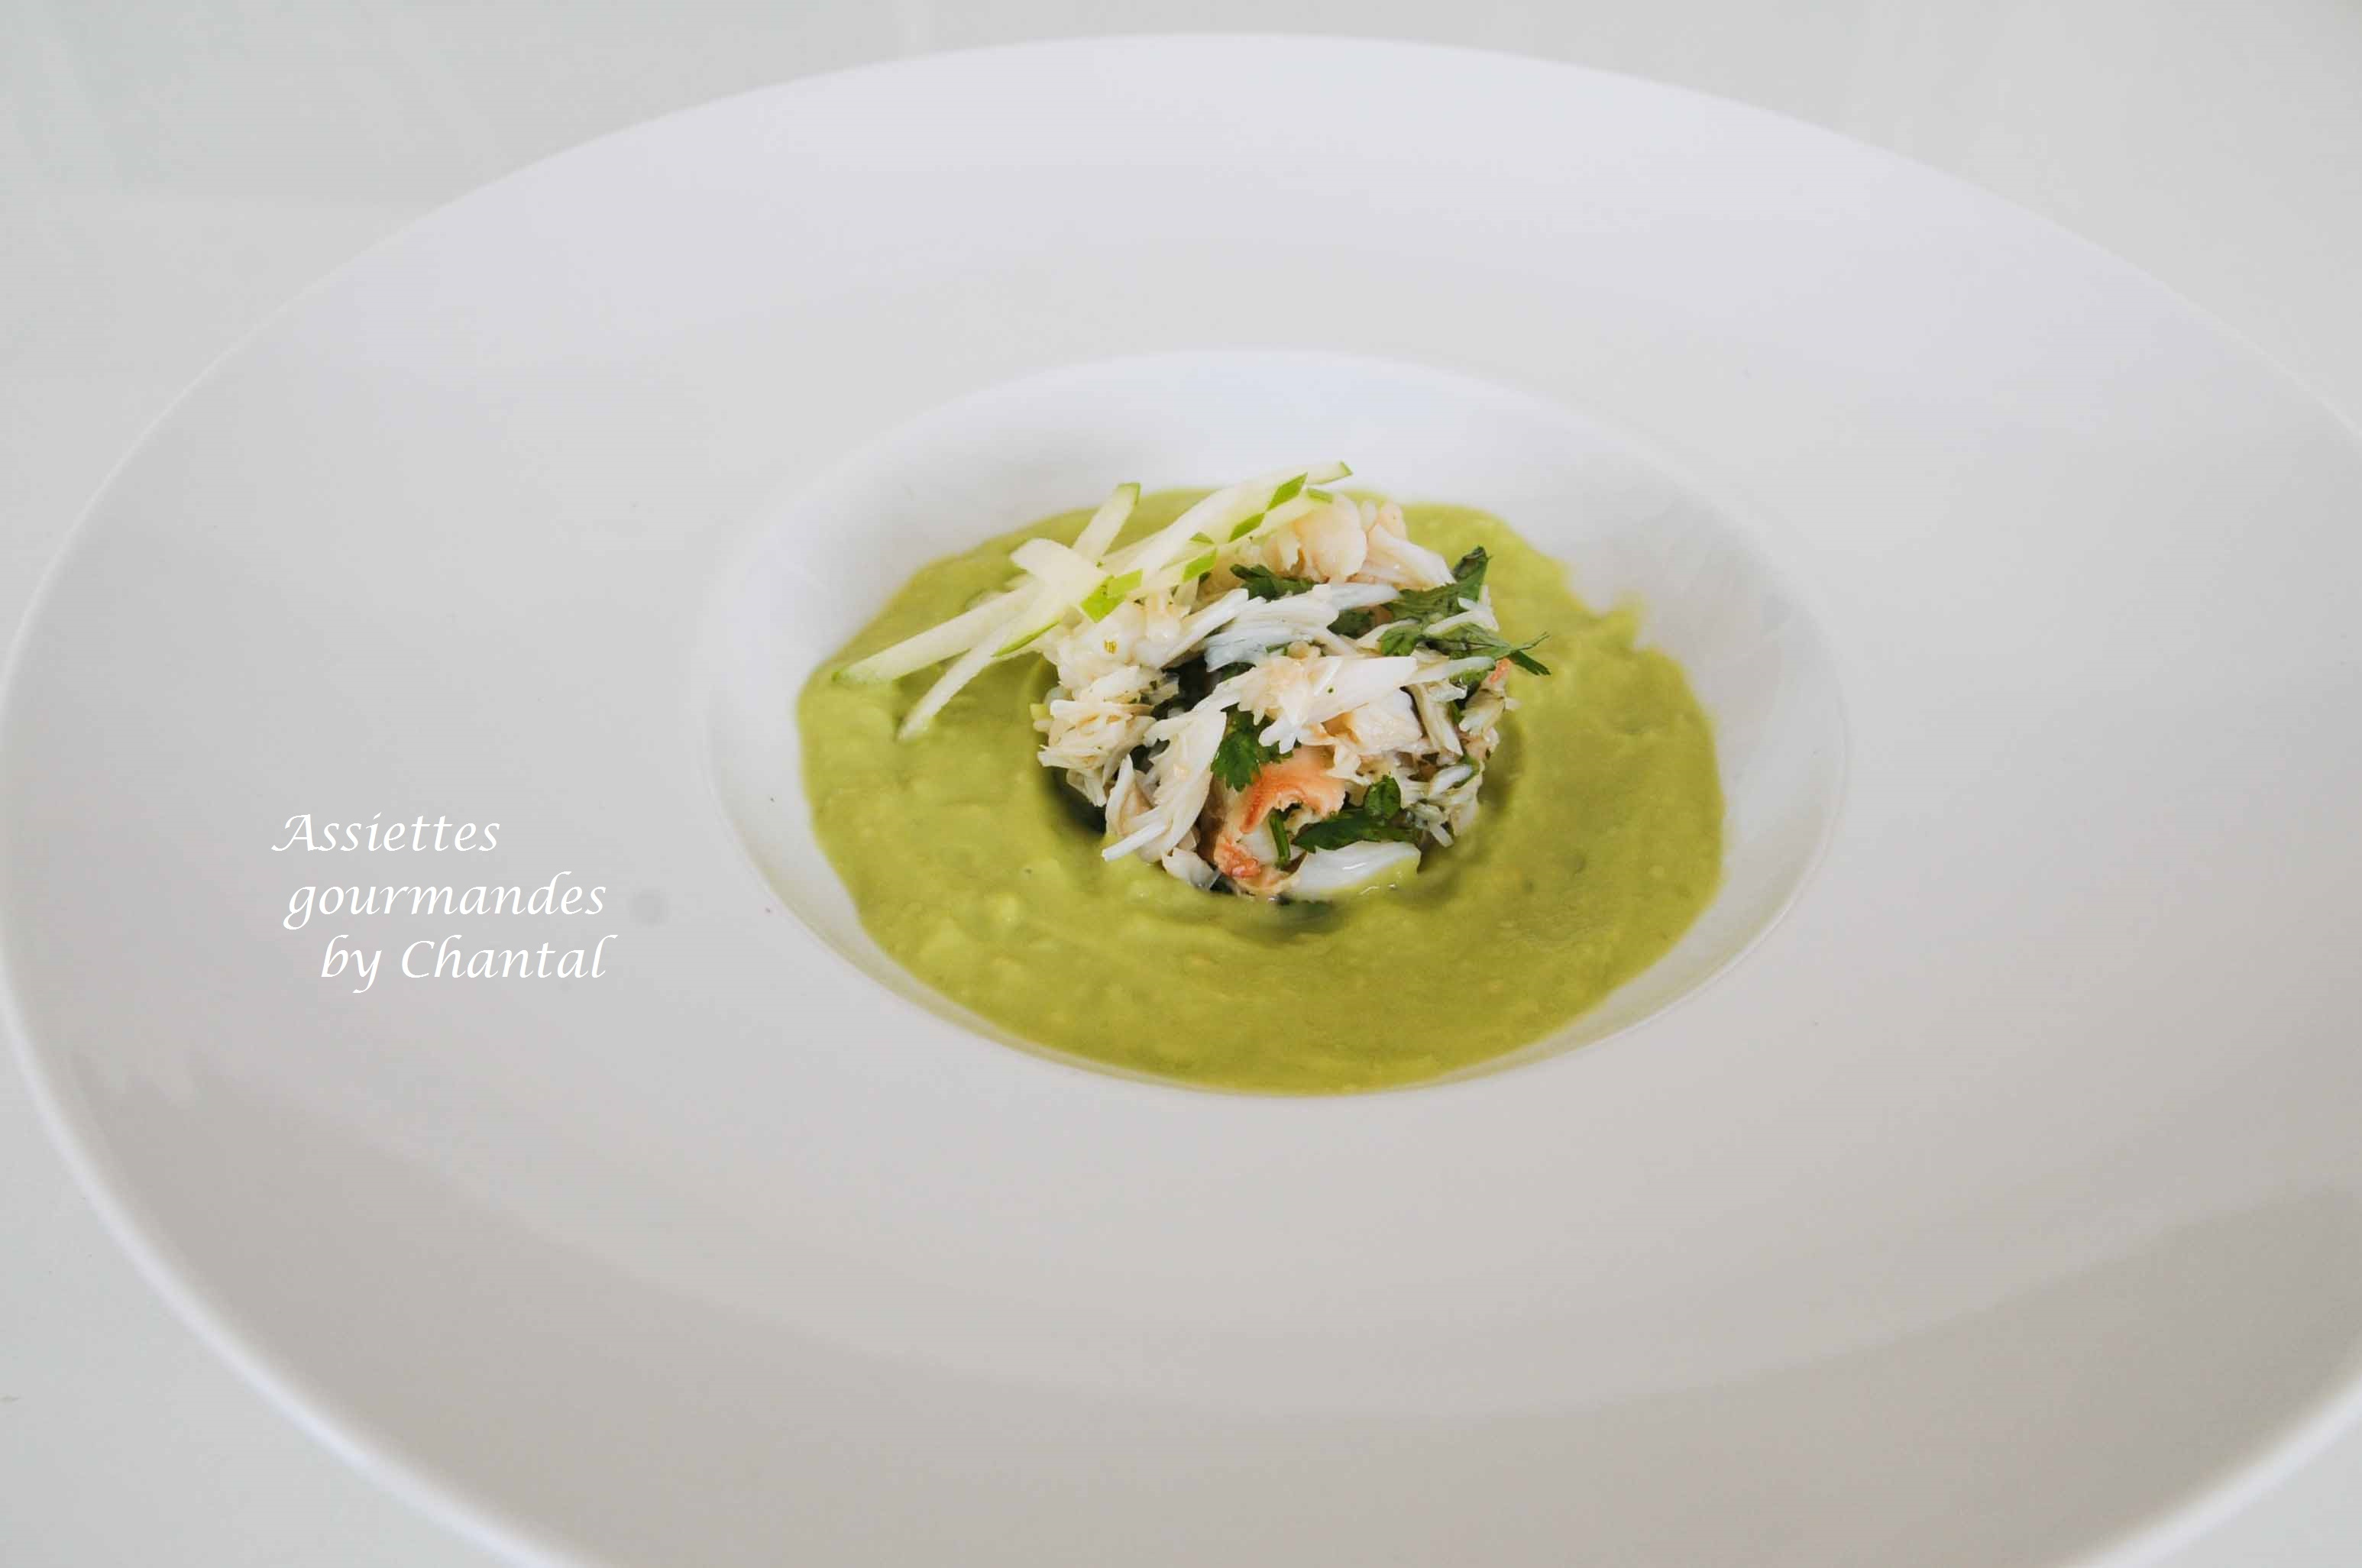 Soupe avocat pomme verte, salade de crabe - Recette de William Ledeuil